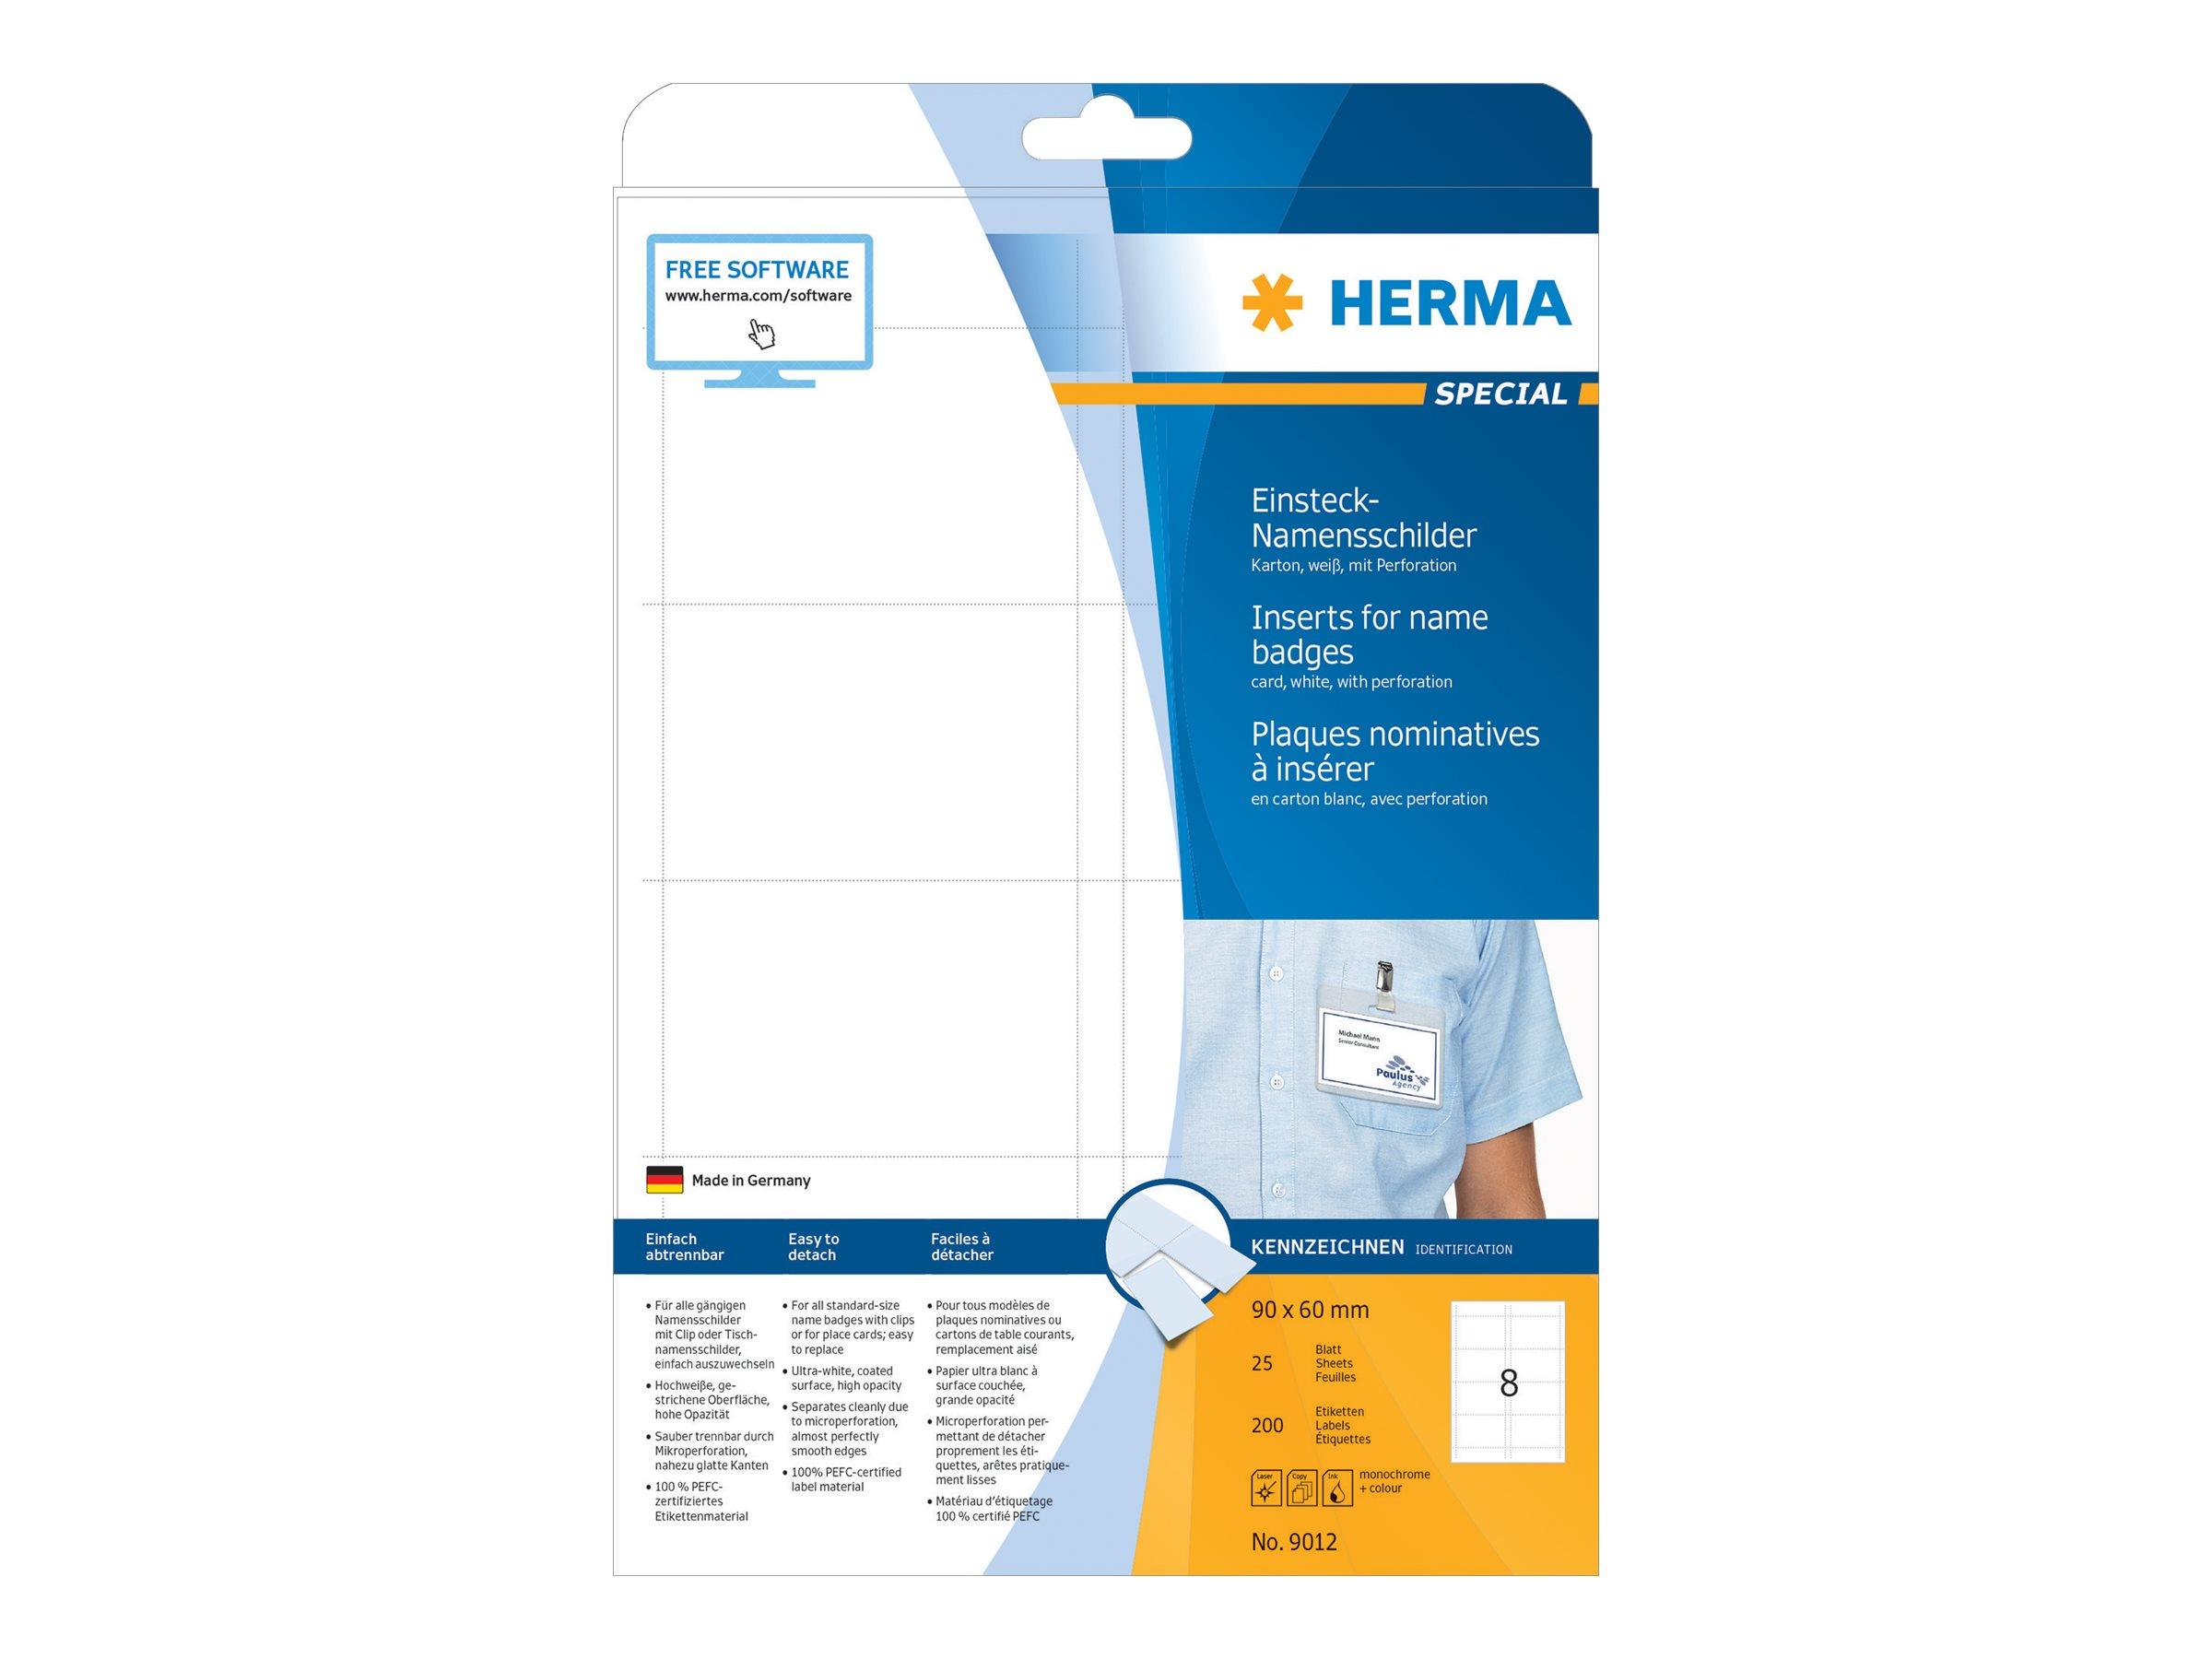 HERMA Special - Nicht klebend - perforiert - weiß - 90 x 60 mm 200 Karte(n) (25 Bogen x 8)